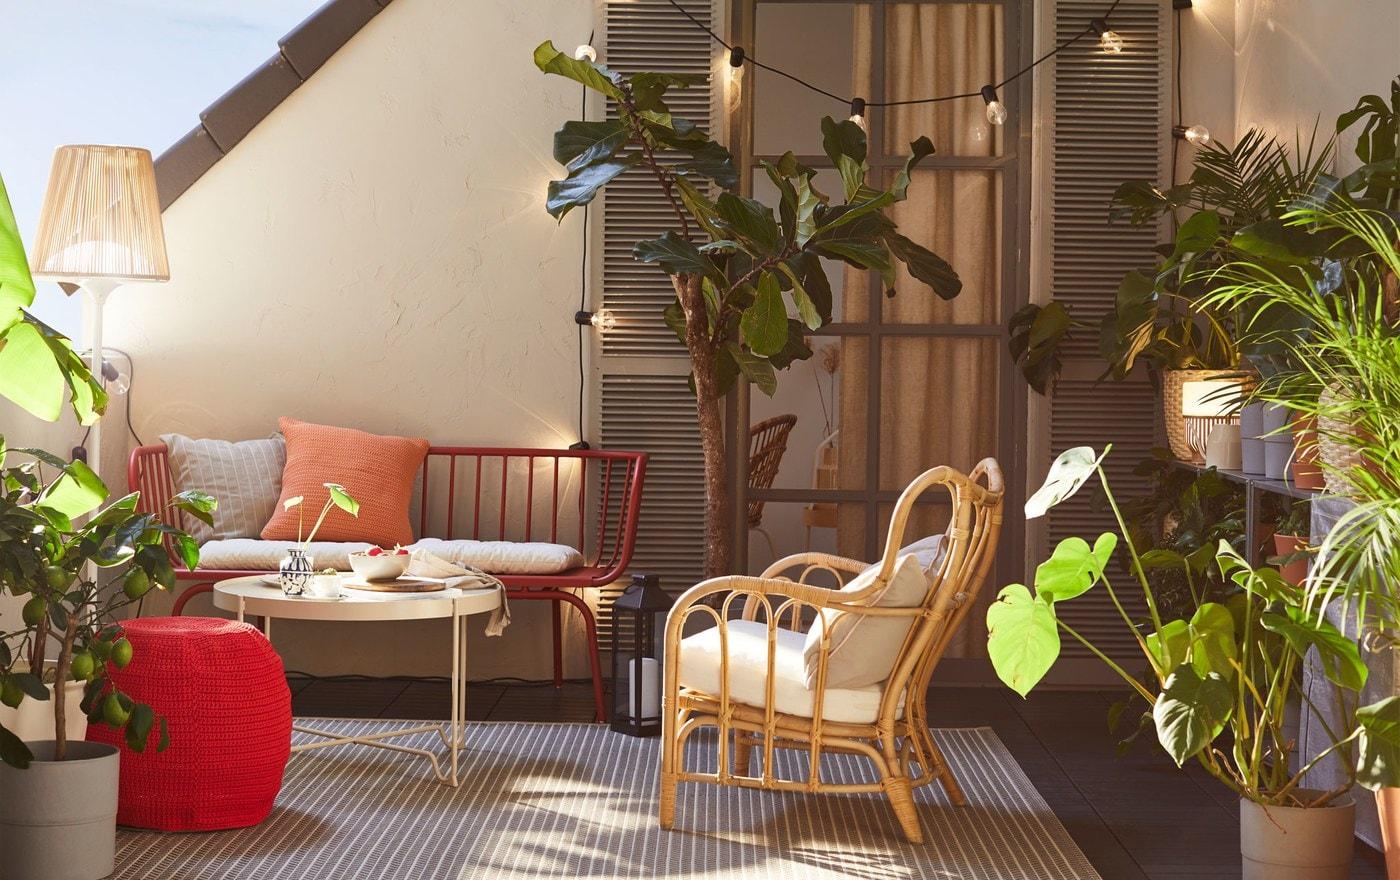 كنبة للأماكن الخارجية 3 مقاعد BRUSEN من ايكيا وكرسي بذراعين روطان في مساحة شرفة خارجية، مع نباتات ومصباح أرضي.